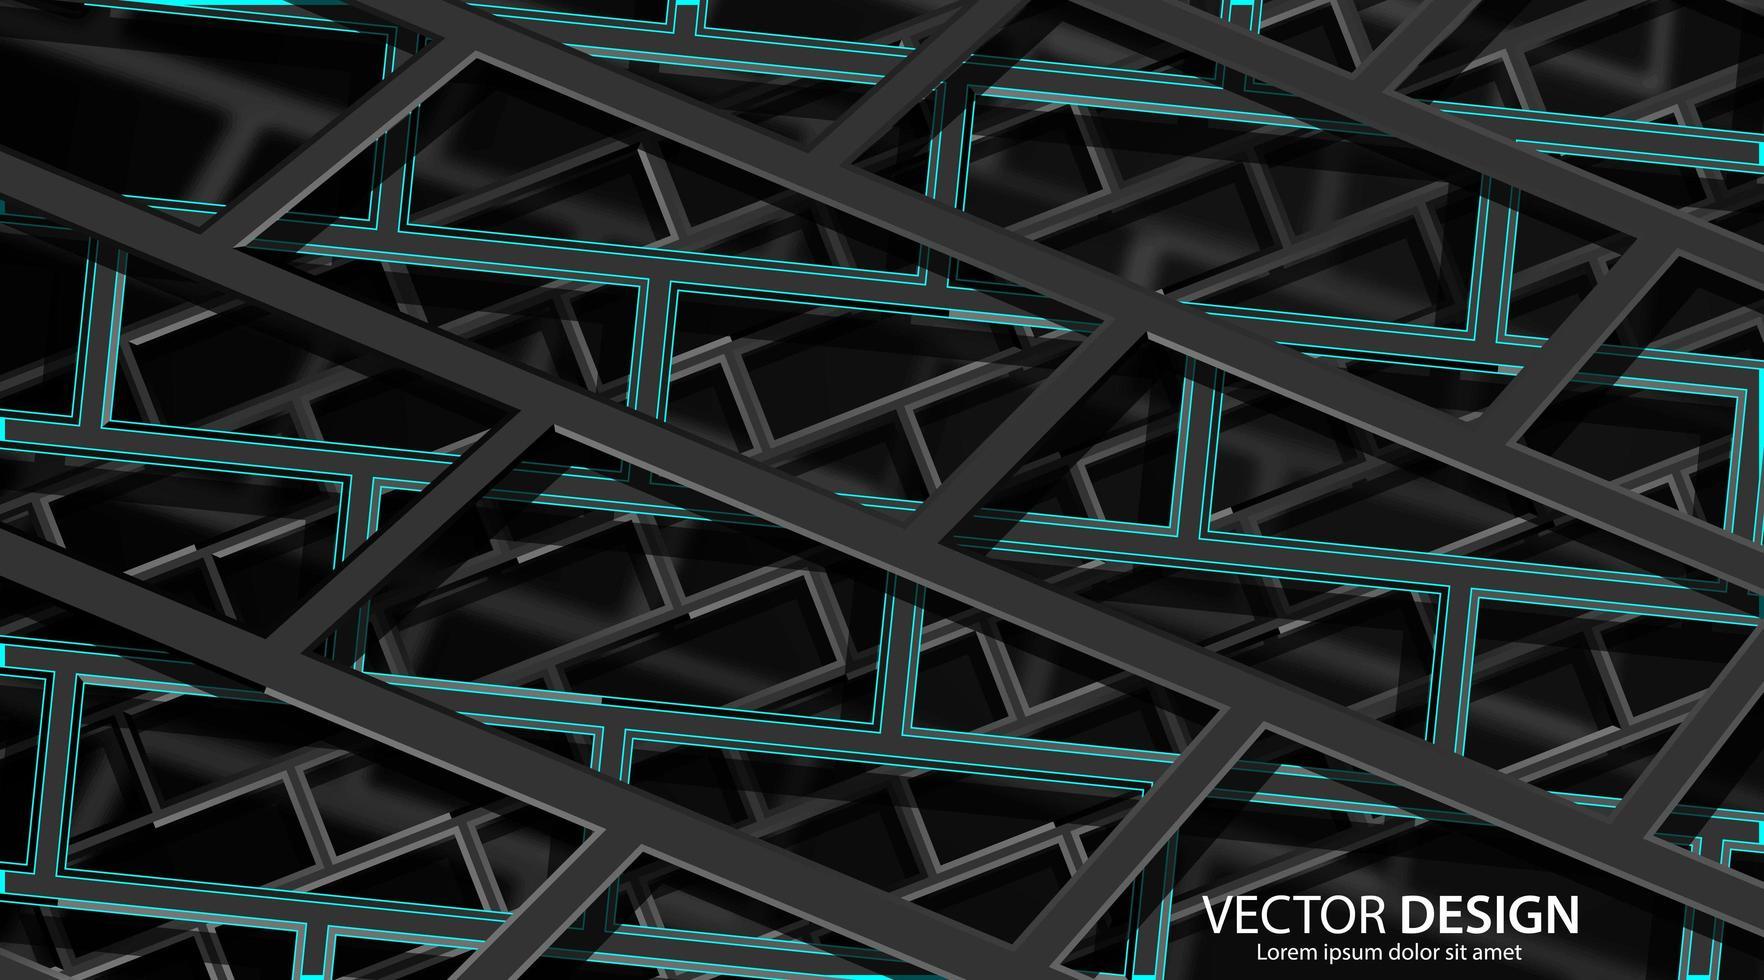 abstrakter geometrischer architektonischer Hintergrund des schwarzen und dunklen Grüns 3d vektor